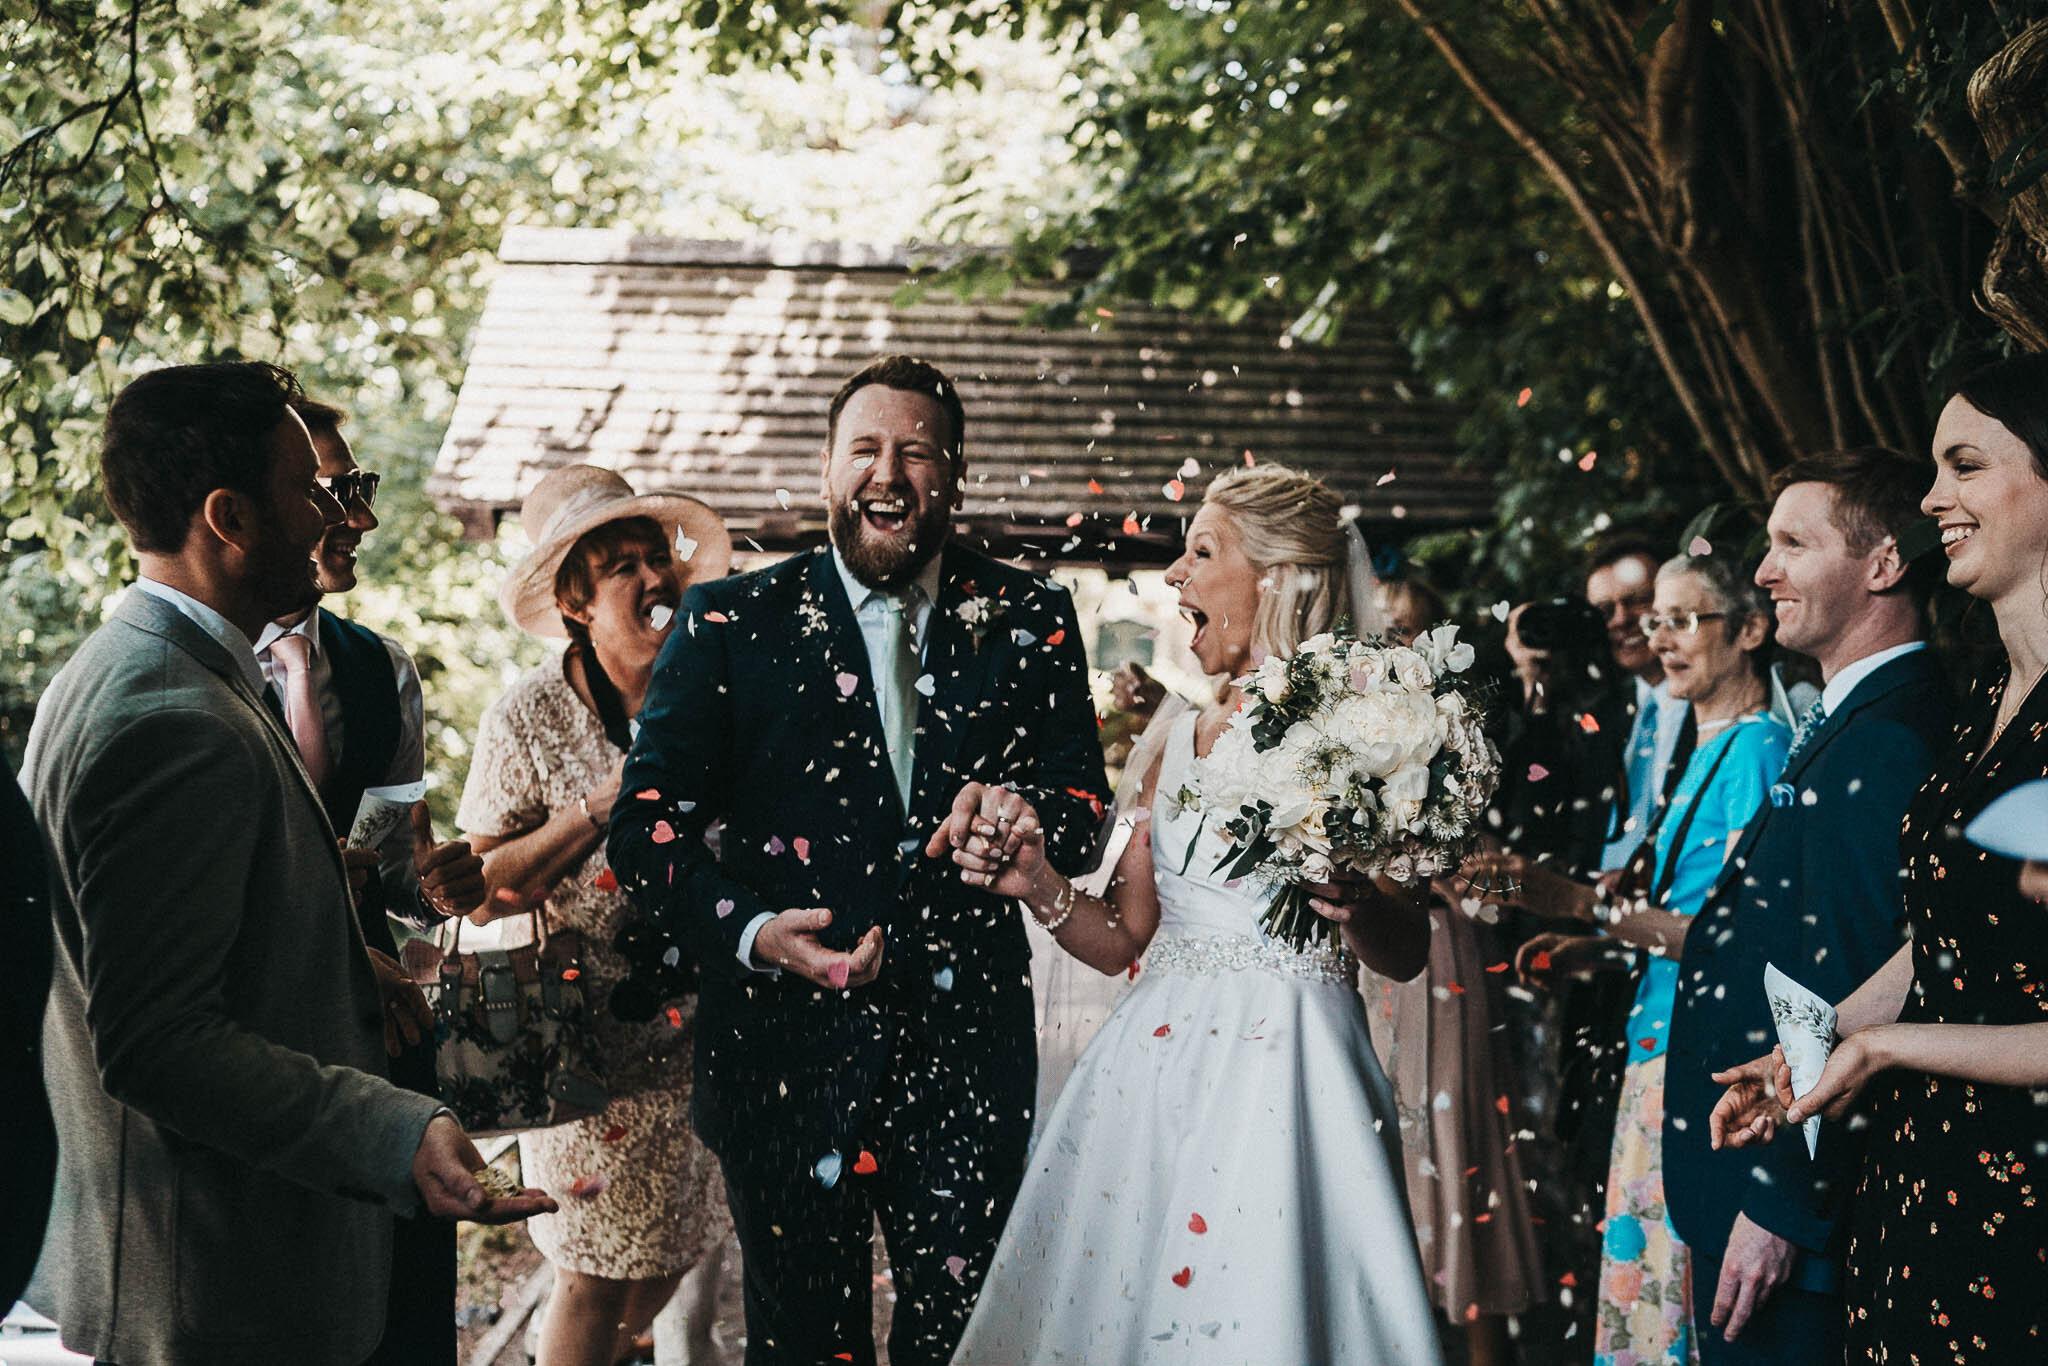 church-wedding-confetti-picture